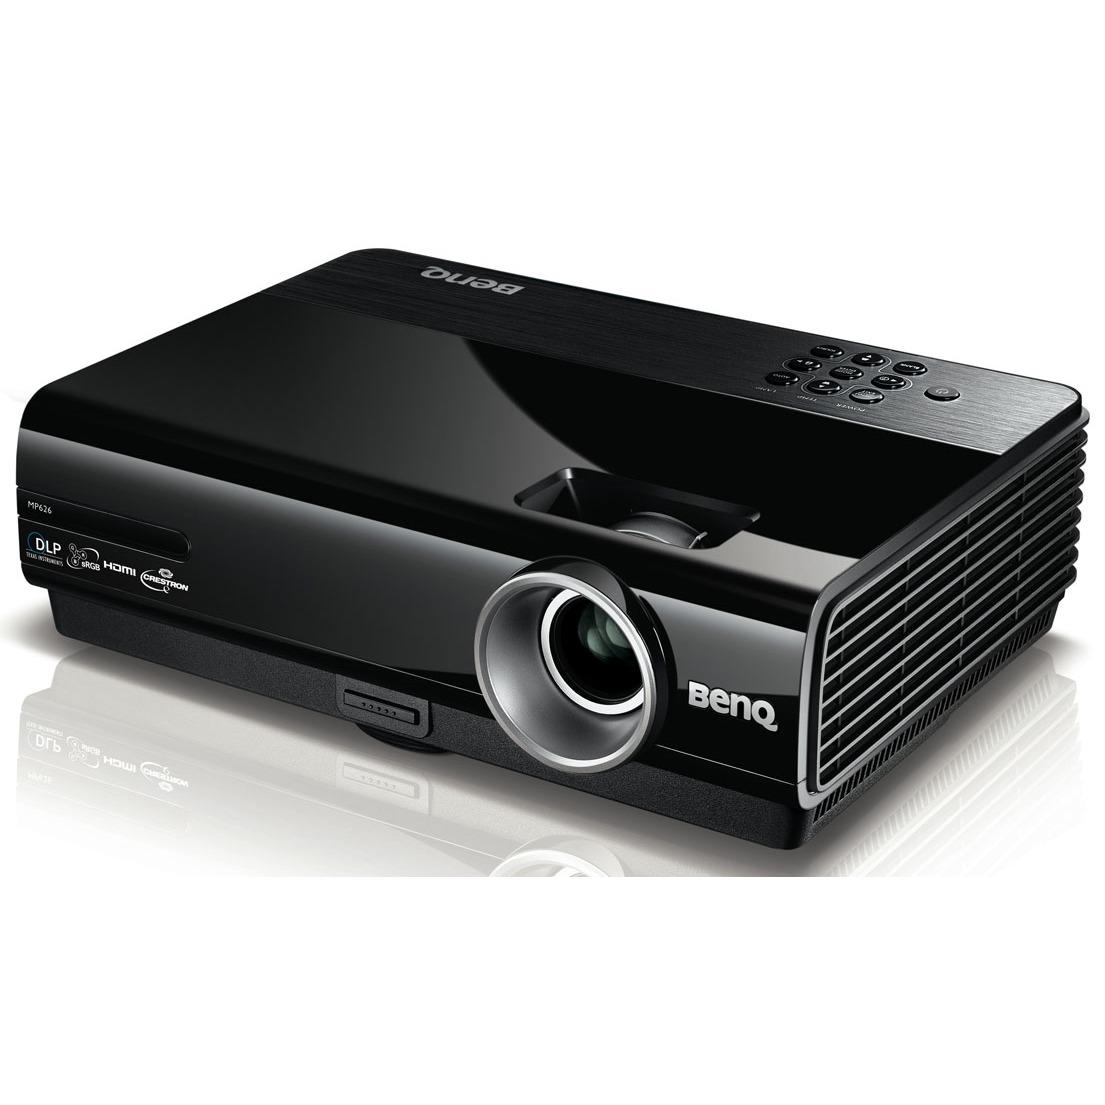 Vidéoprojecteur BenQ MP626P BenQ MP626P - Vidéoprojecteur DLP XGA 2500 Lumens